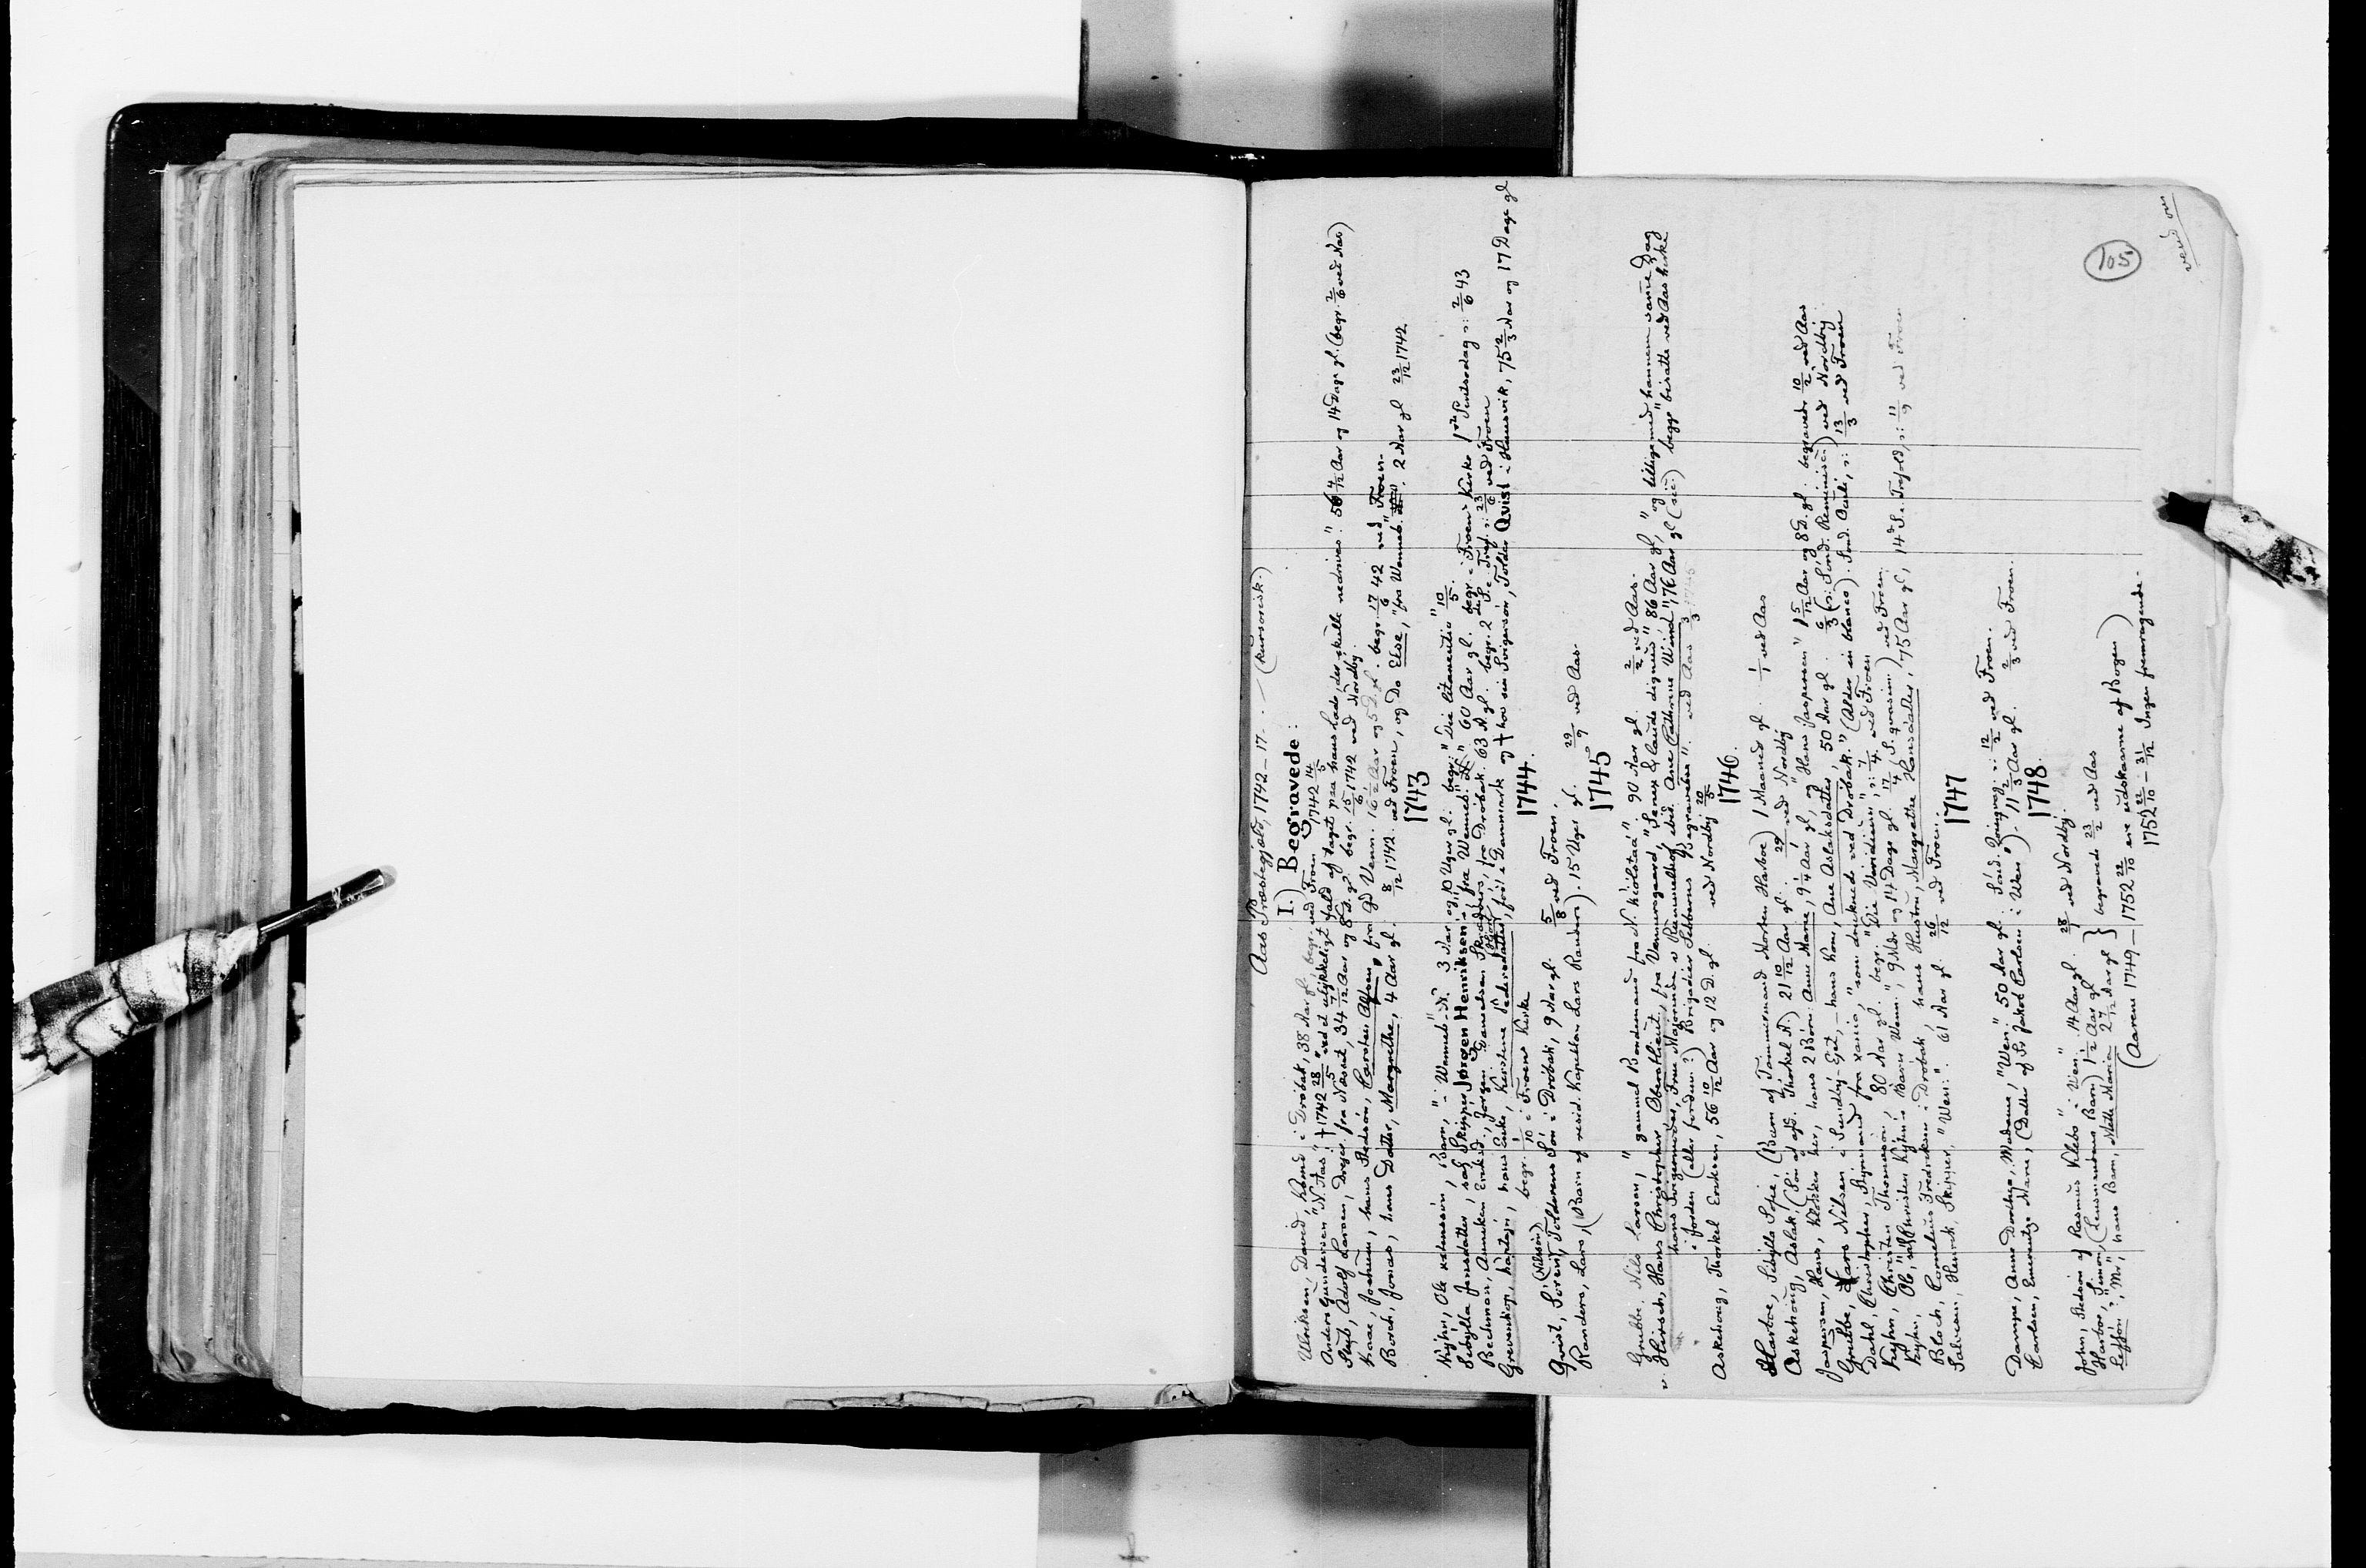 RA, Lassens samlinger, F/Fc, s. 105